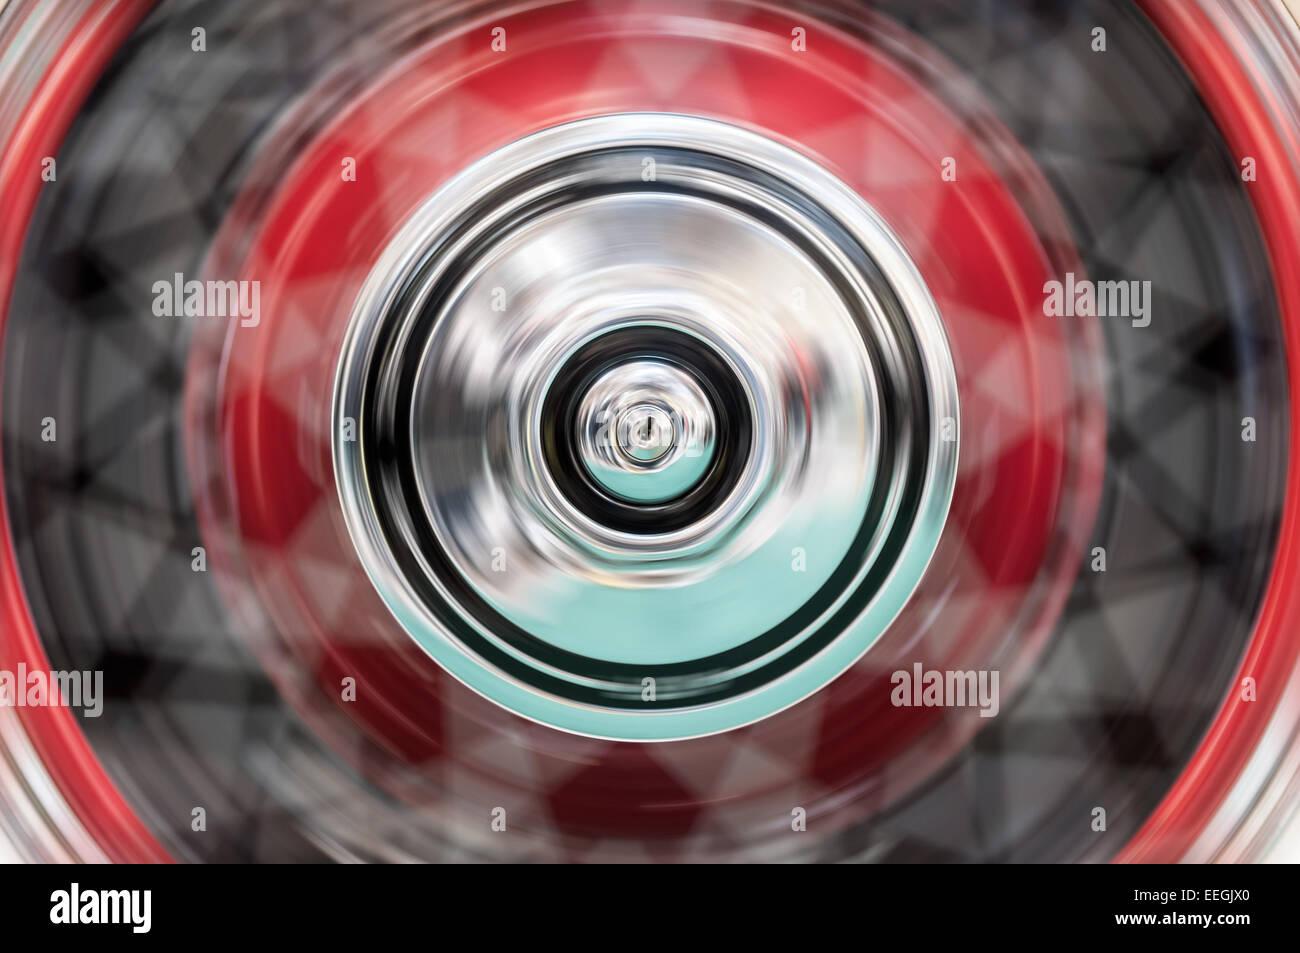 Schnell drehende Rad eines Autos. Bewegungsunschärfe und hoher Geschwindigkeit. Stockbild